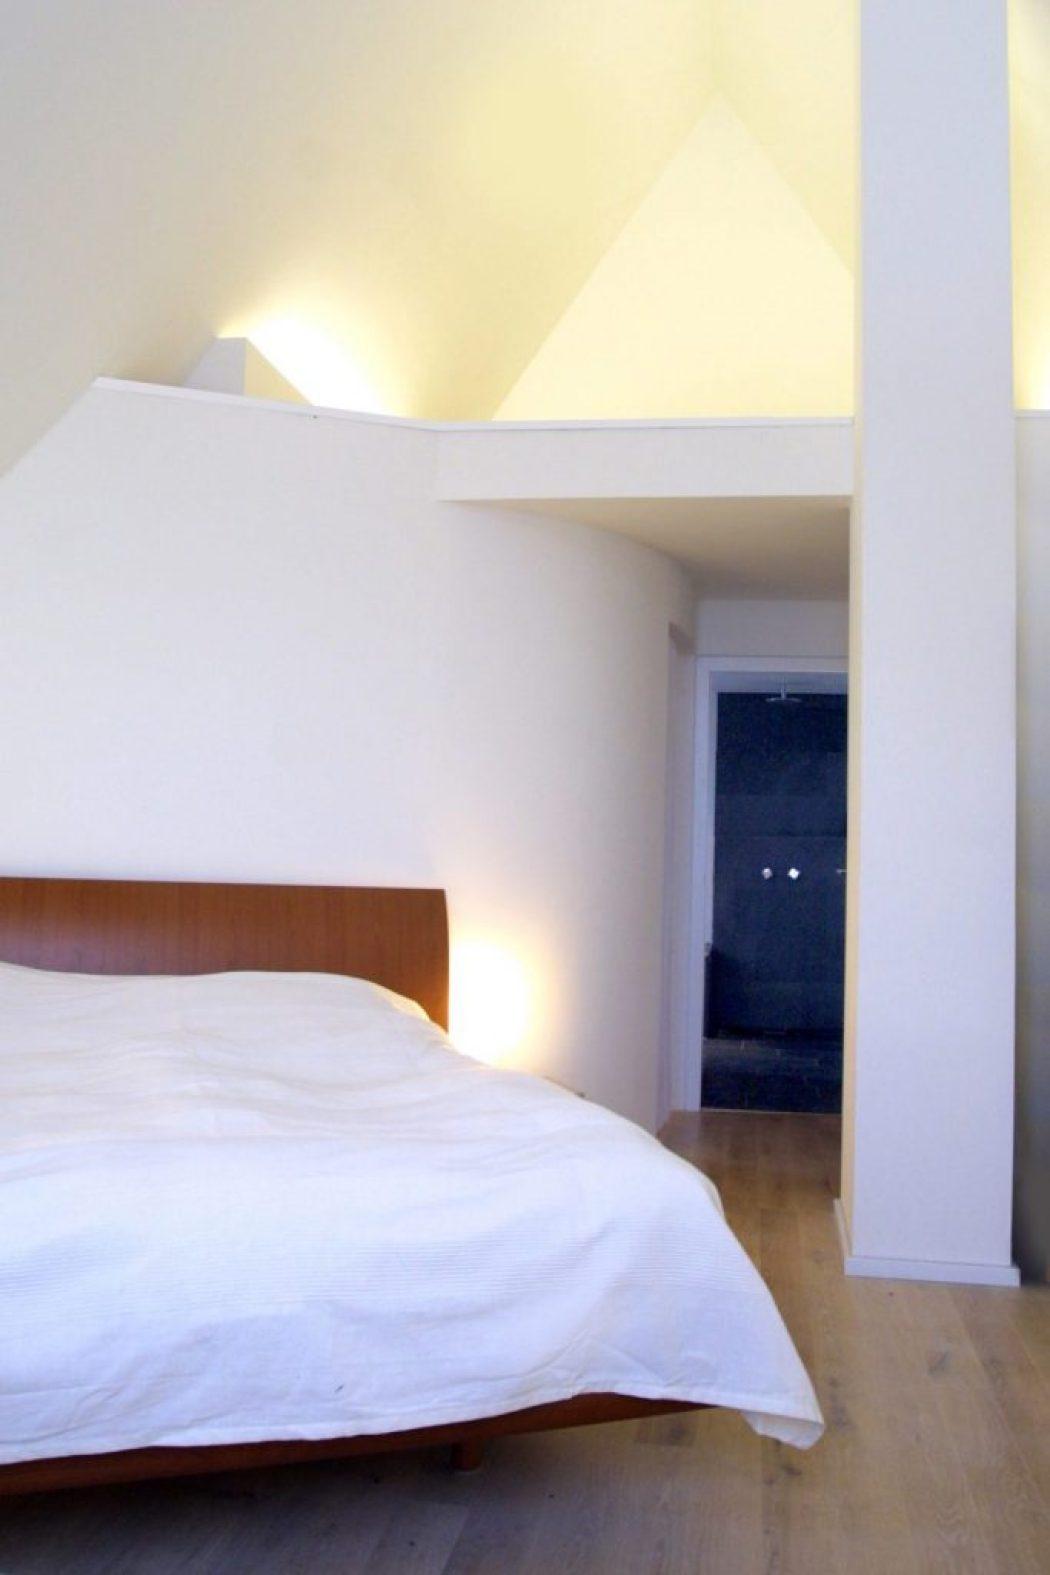 der wichtigste raum beim gut wohnen ist das schlafzimmer